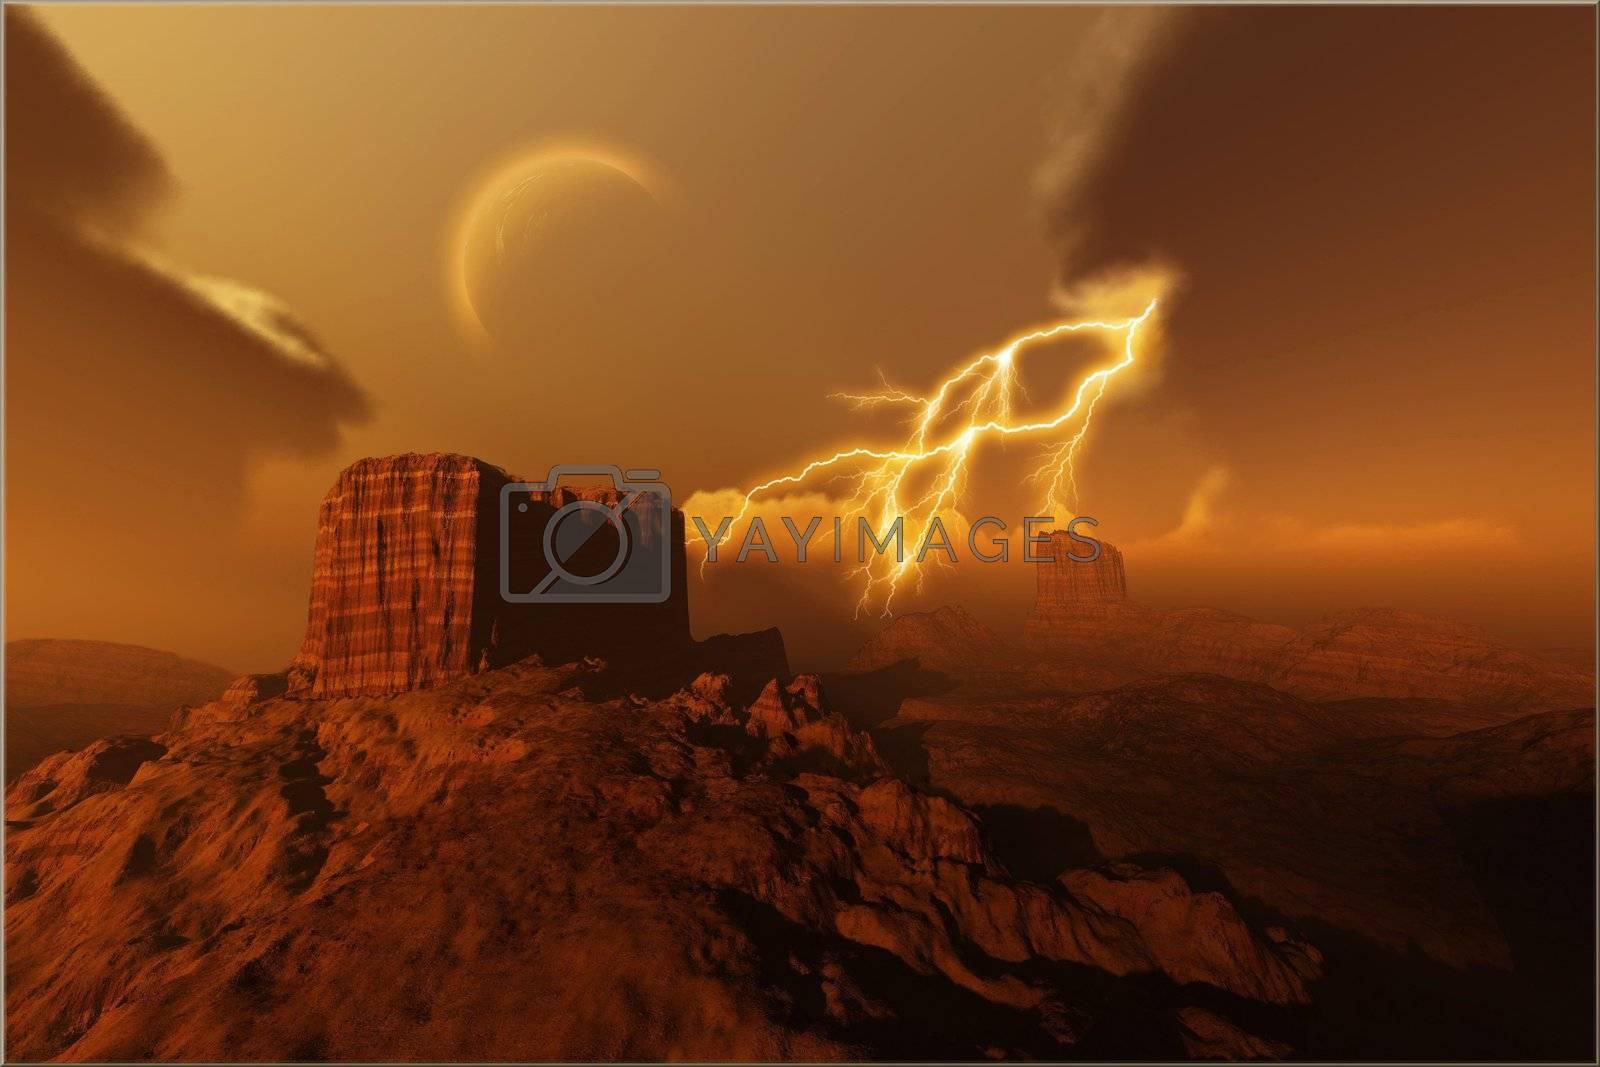 A lightning storm over a desert.